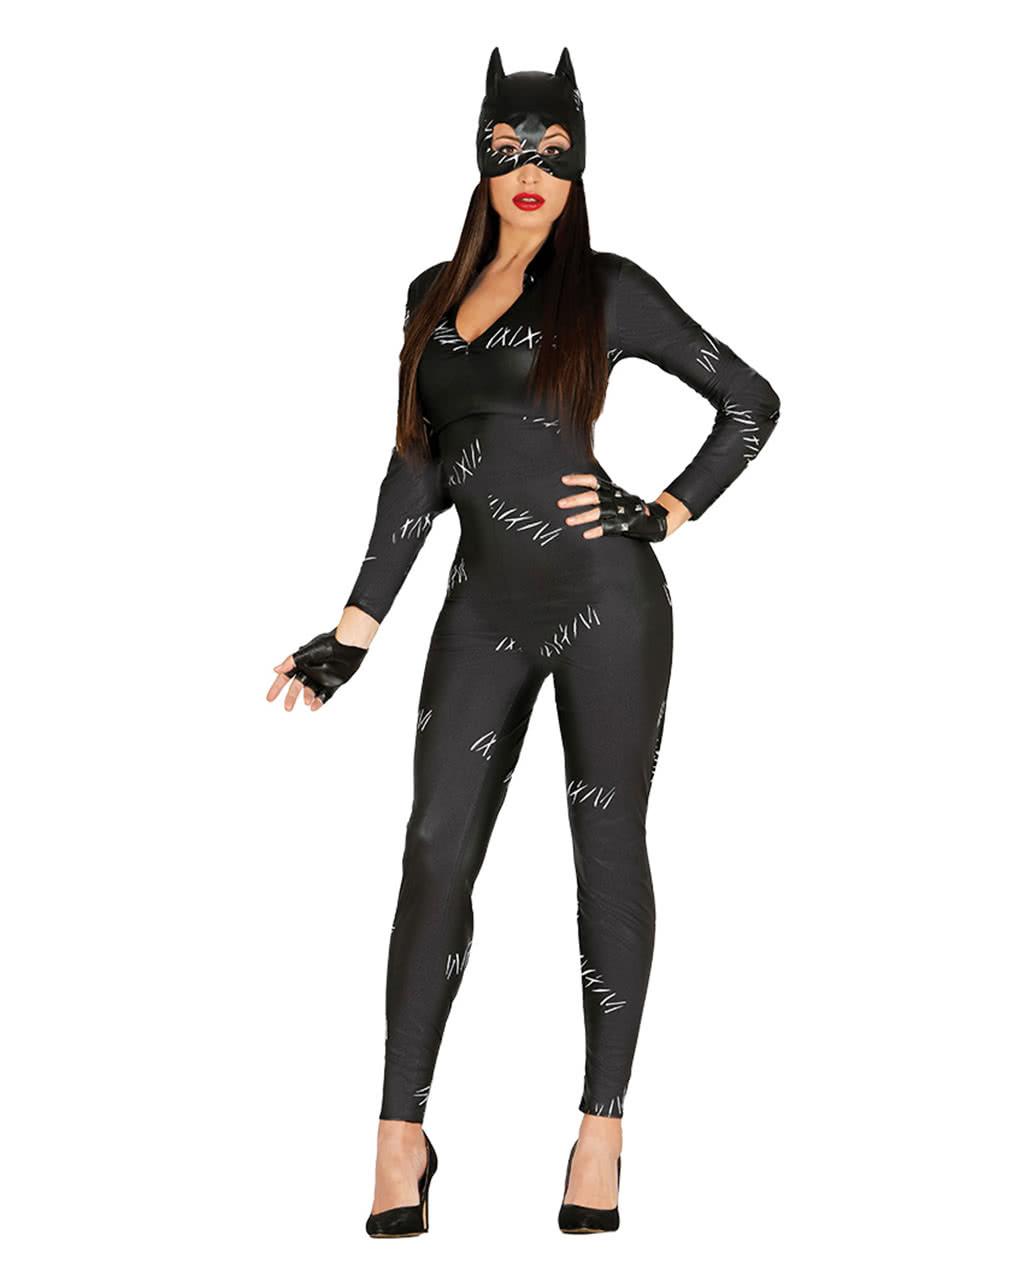 katzen catsuit frauenkost m katzenlady kost m online kaufen karneval universe. Black Bedroom Furniture Sets. Home Design Ideas